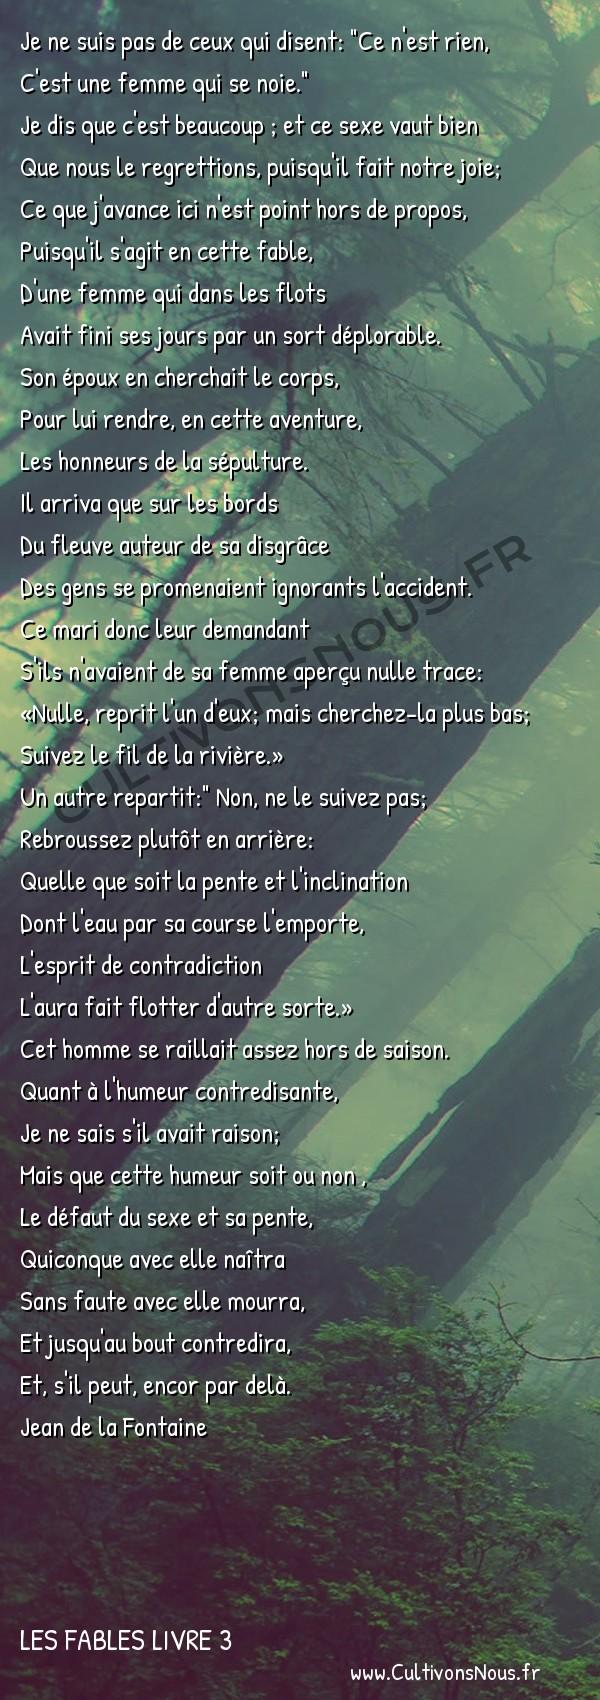 Fables Jean de la Fontaine - Les fables Livre 3 - La Femme noyée -   Je ne suis pas de ceux qui disent: